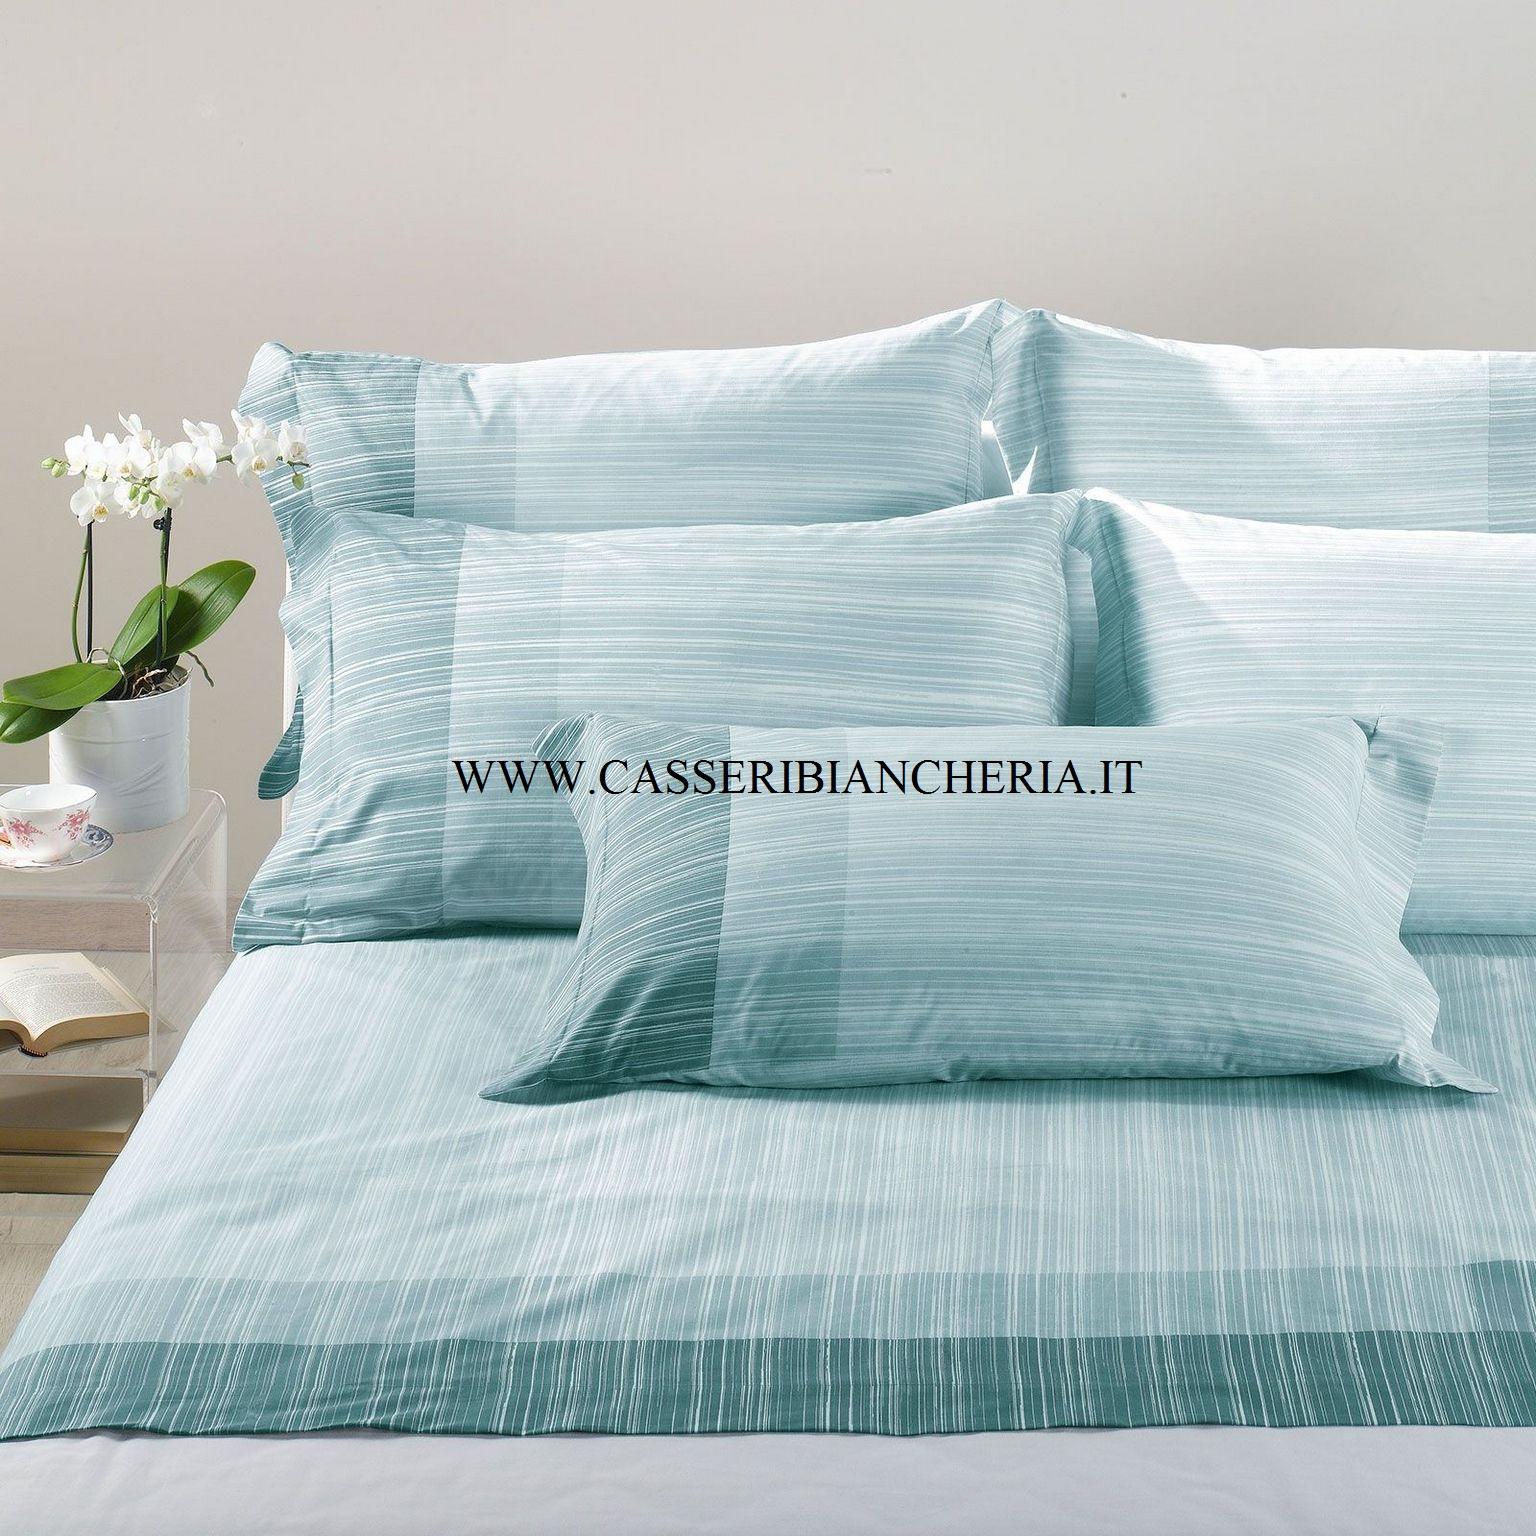 Completo lenzuola letto 1 piazza singolo nordic caleffi cotone casseri biancheria - Completo lenzuola letto singolo ...